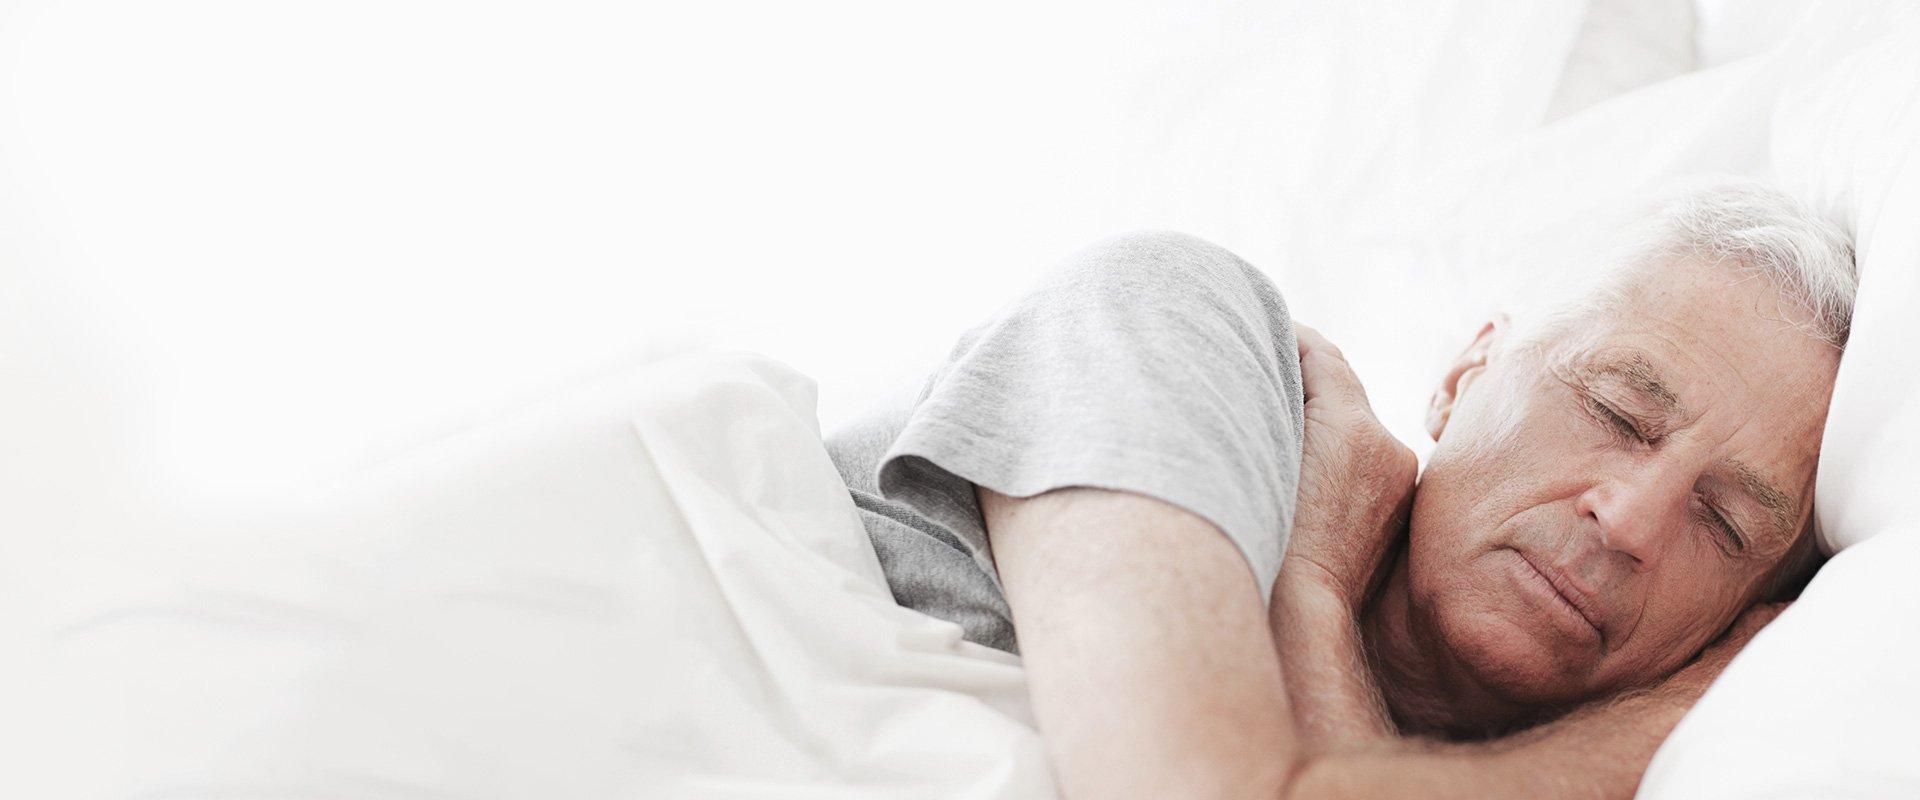 Homme endormi sur le côté sur ses oreilles